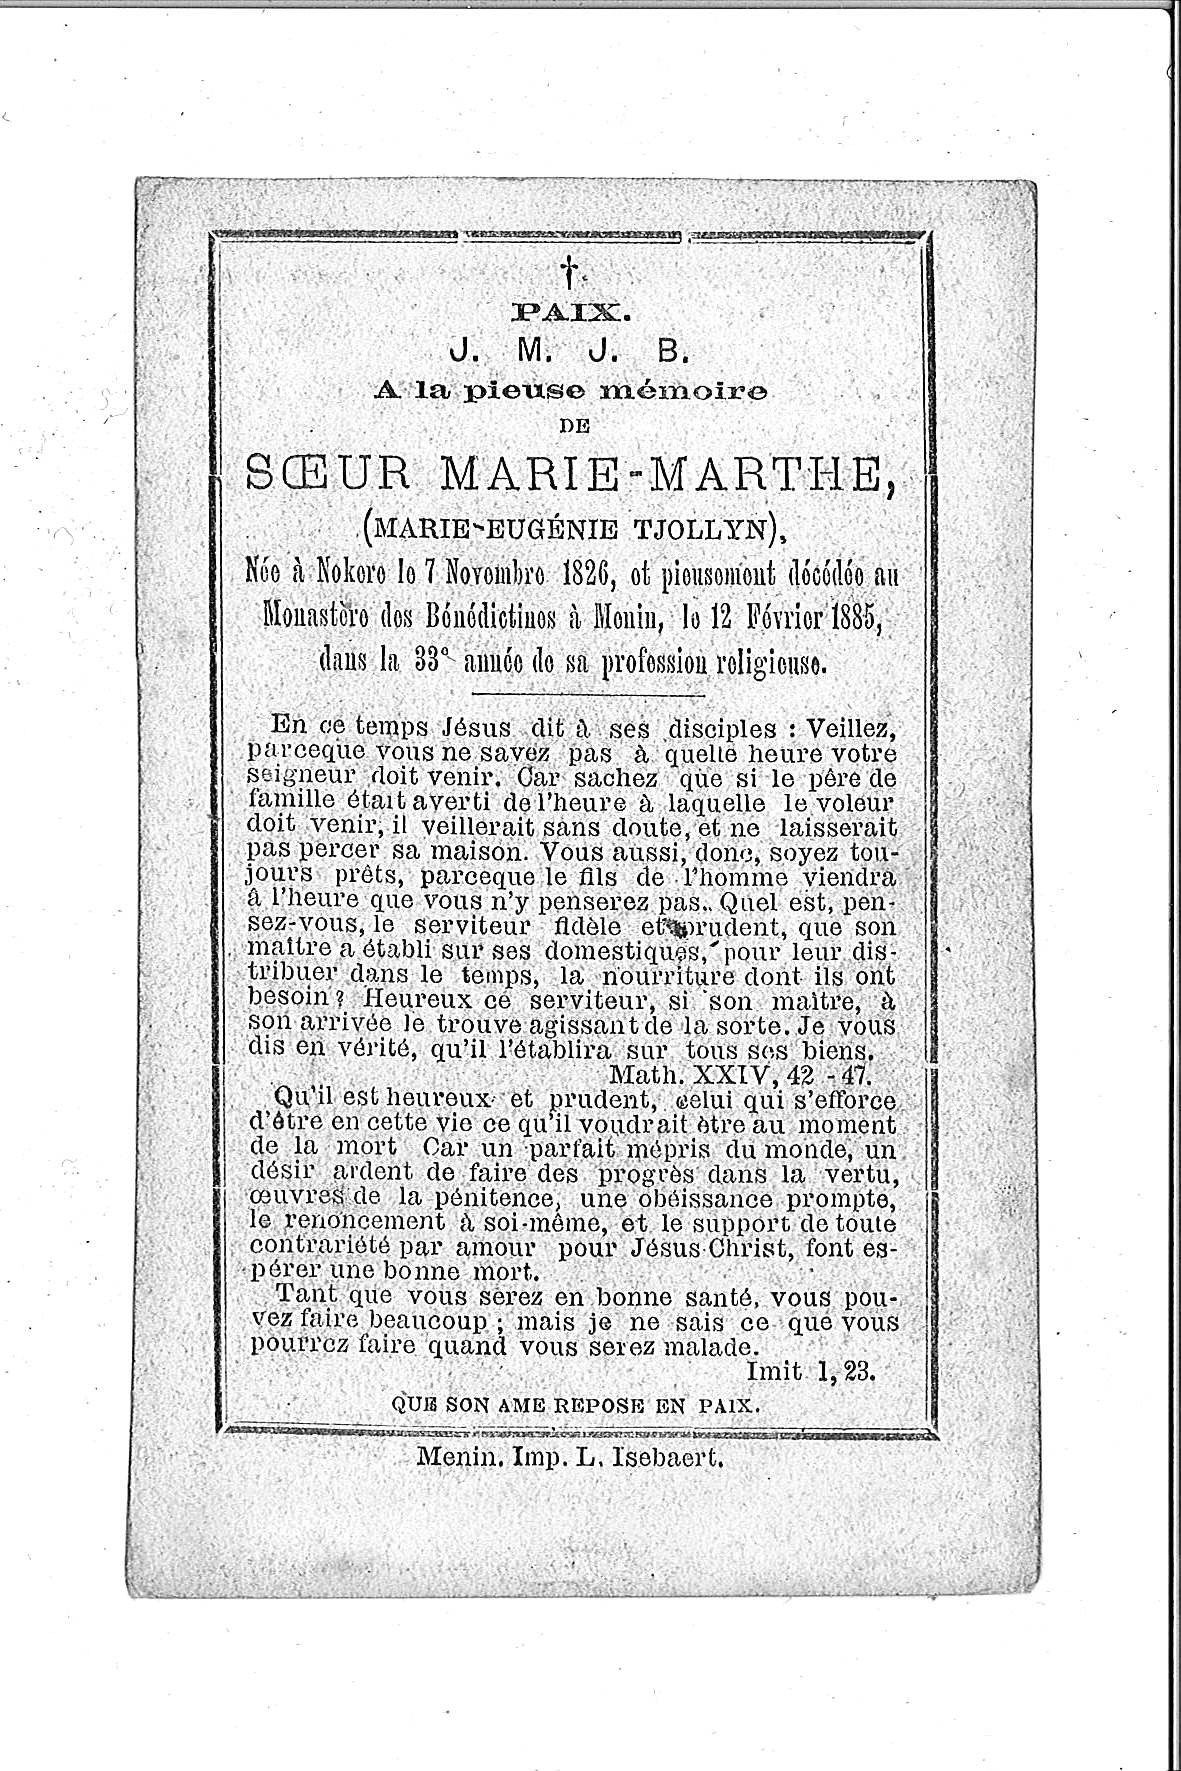 Marie-Eugénie(1885)20140912103237_00087.jpg